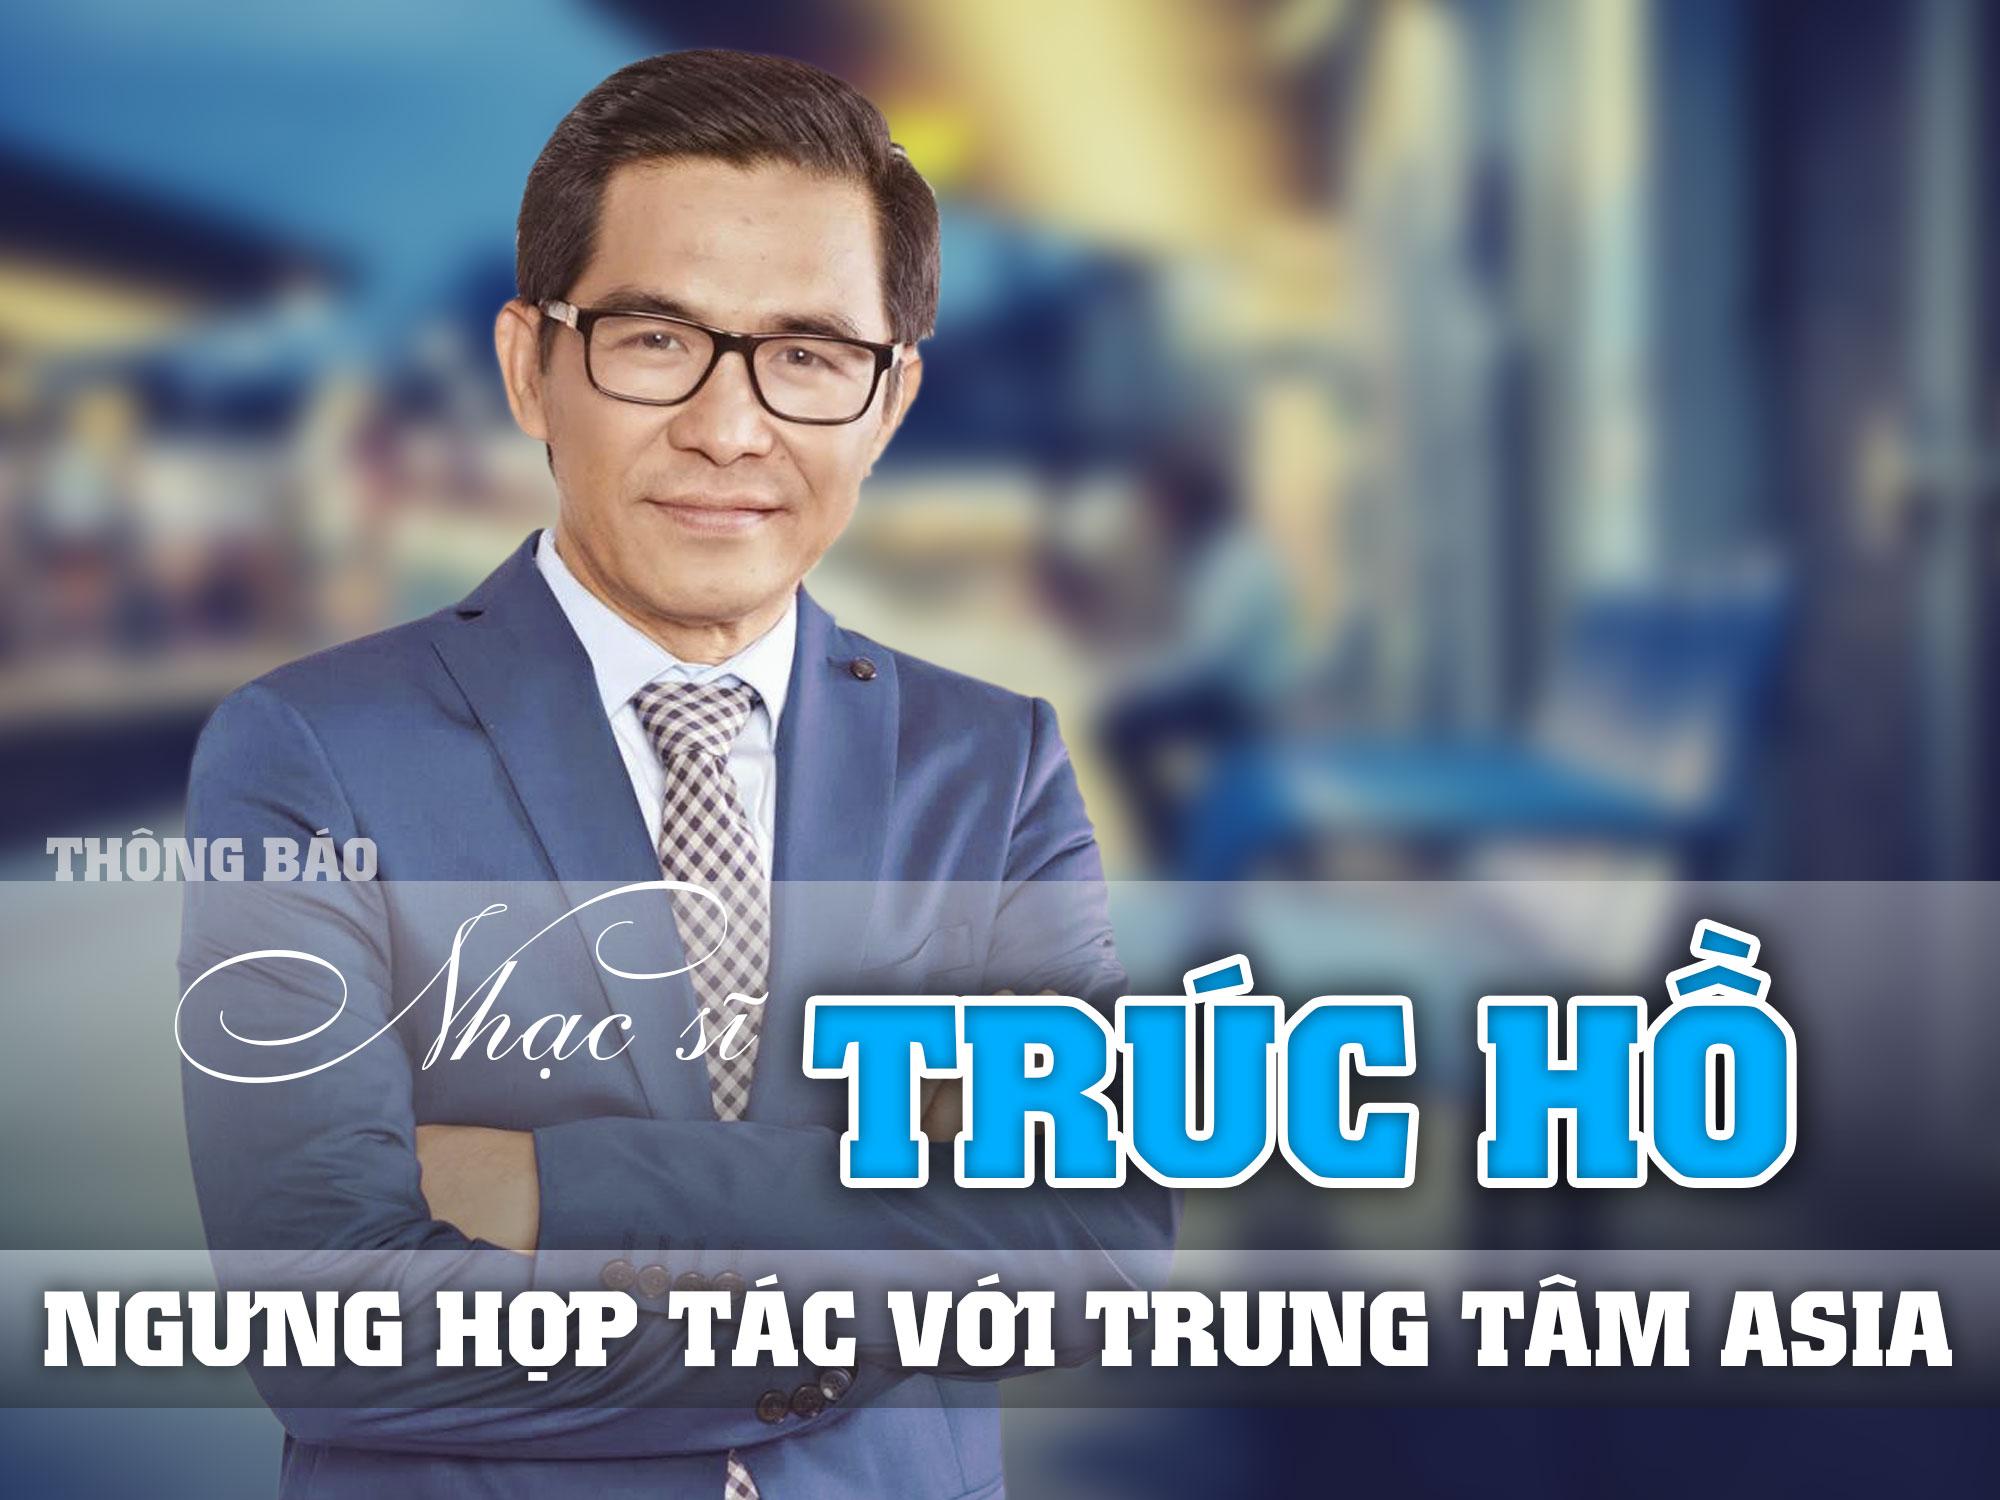 Thông Báo: Nhạc sĩ Trúc Hồ ngừng hợp tác với Trung Tâm Asia